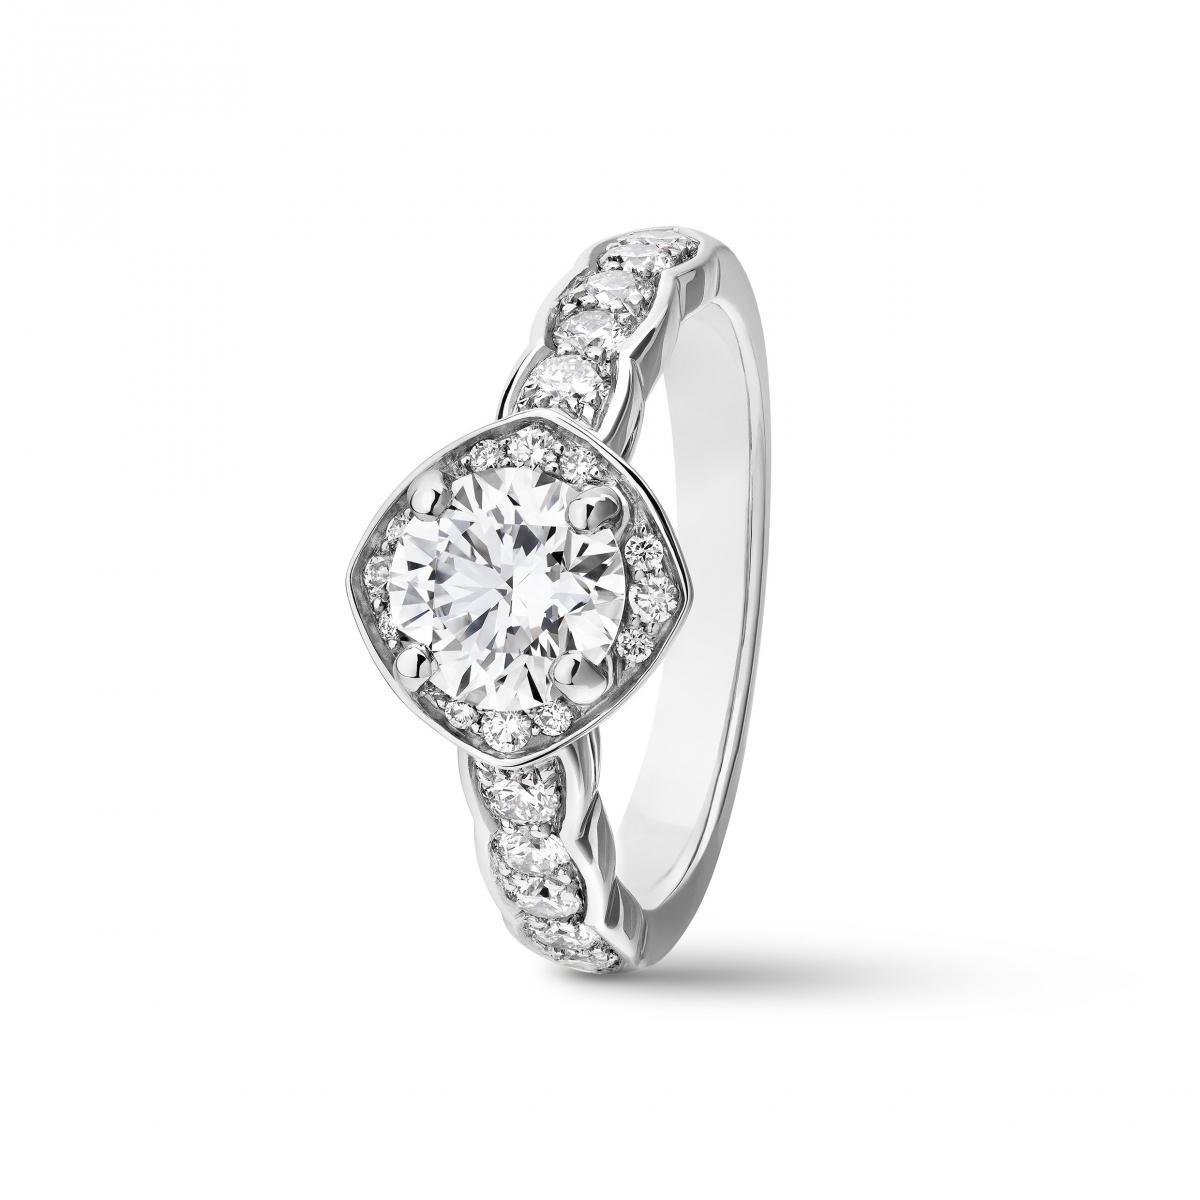 ブランドのDNAが息づく、センシュアルなデザイン。「ココ クラッシュ」リング(Pt×センターダイヤモンド0.25ct〜)¥551,000〜/シャネル